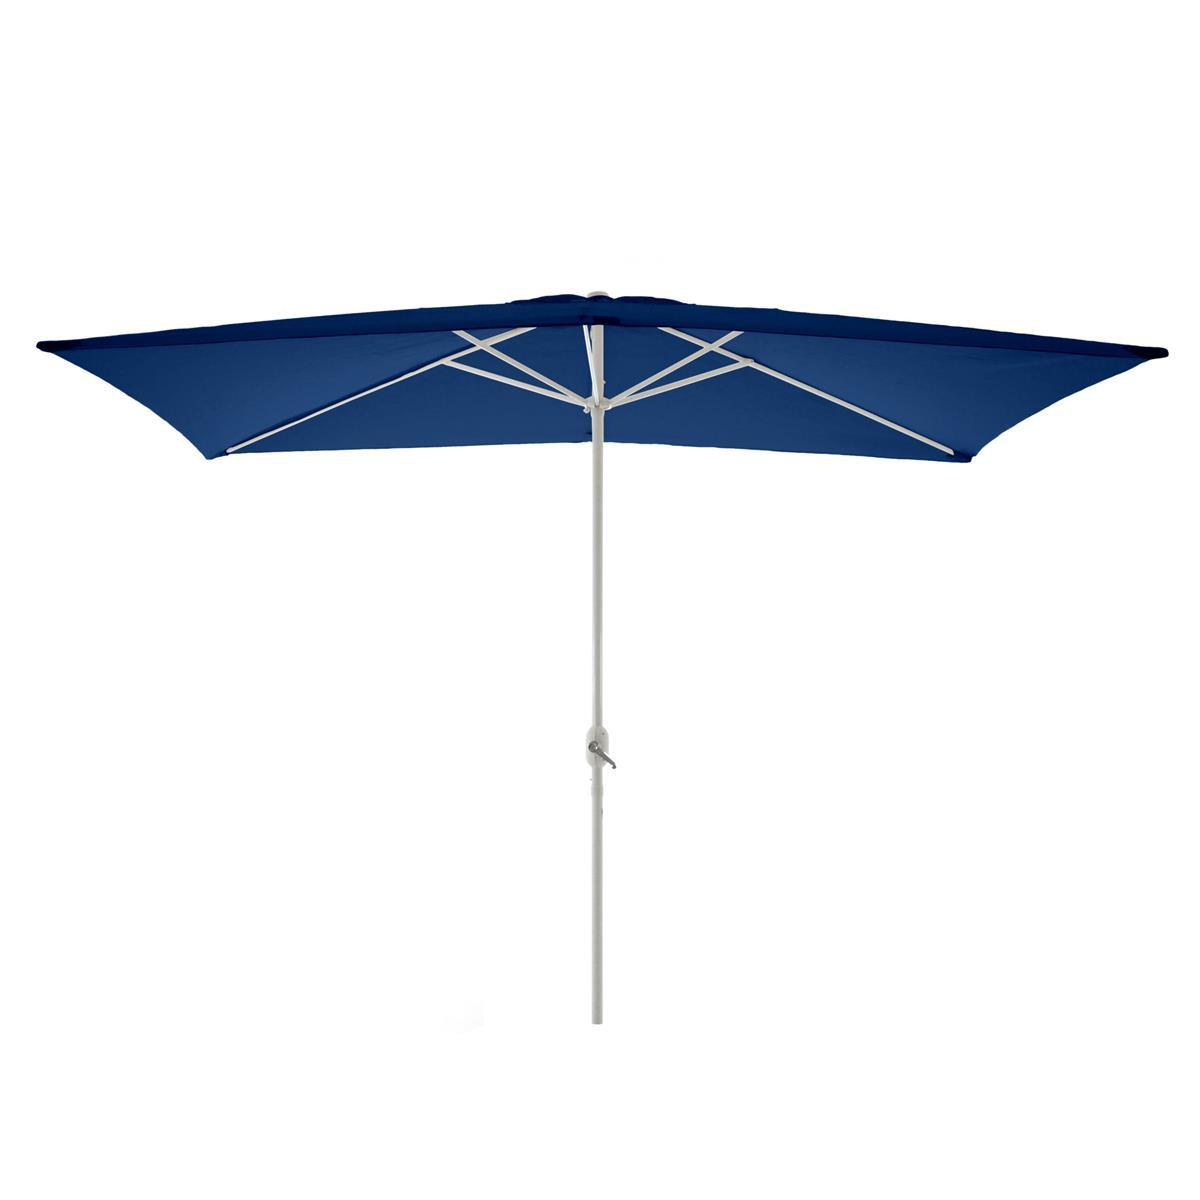 Sonnenschirm eckig 2x3m blau mit Kurbel Marktschirm Rechteckschirm Sonnenschutz